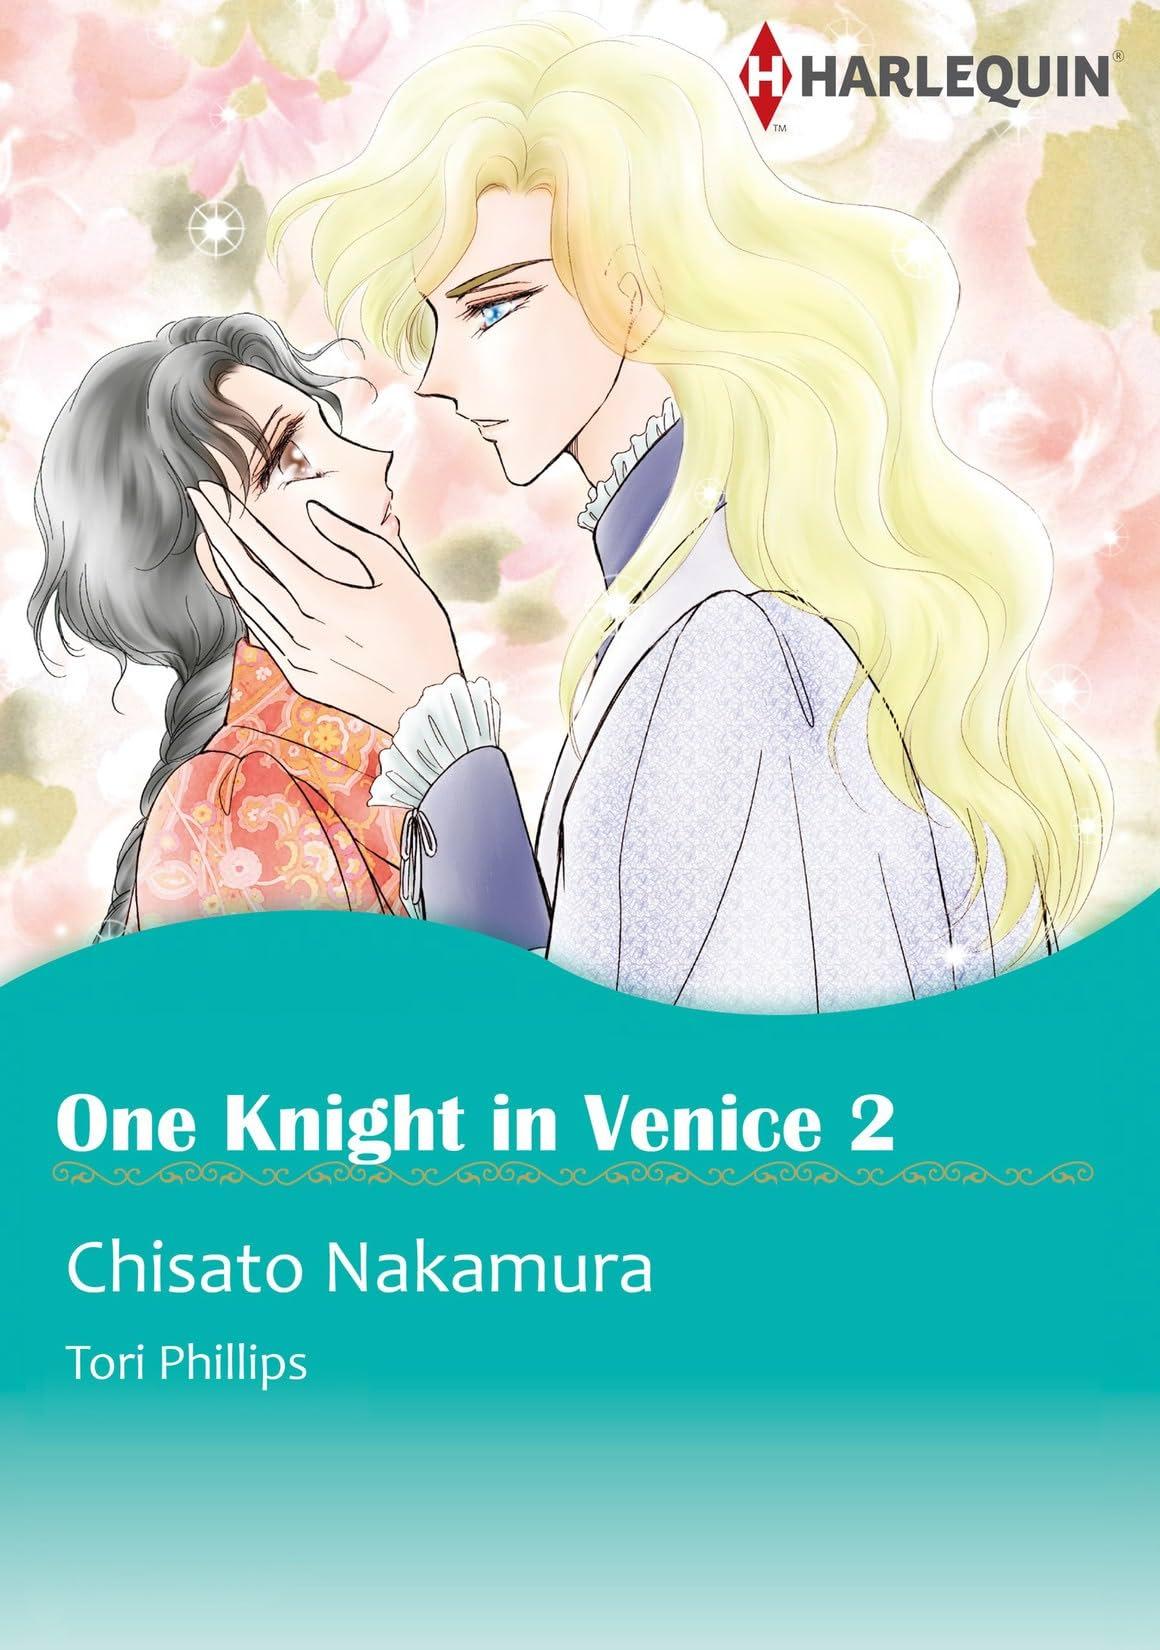 One Knight in Venice Vol. 2